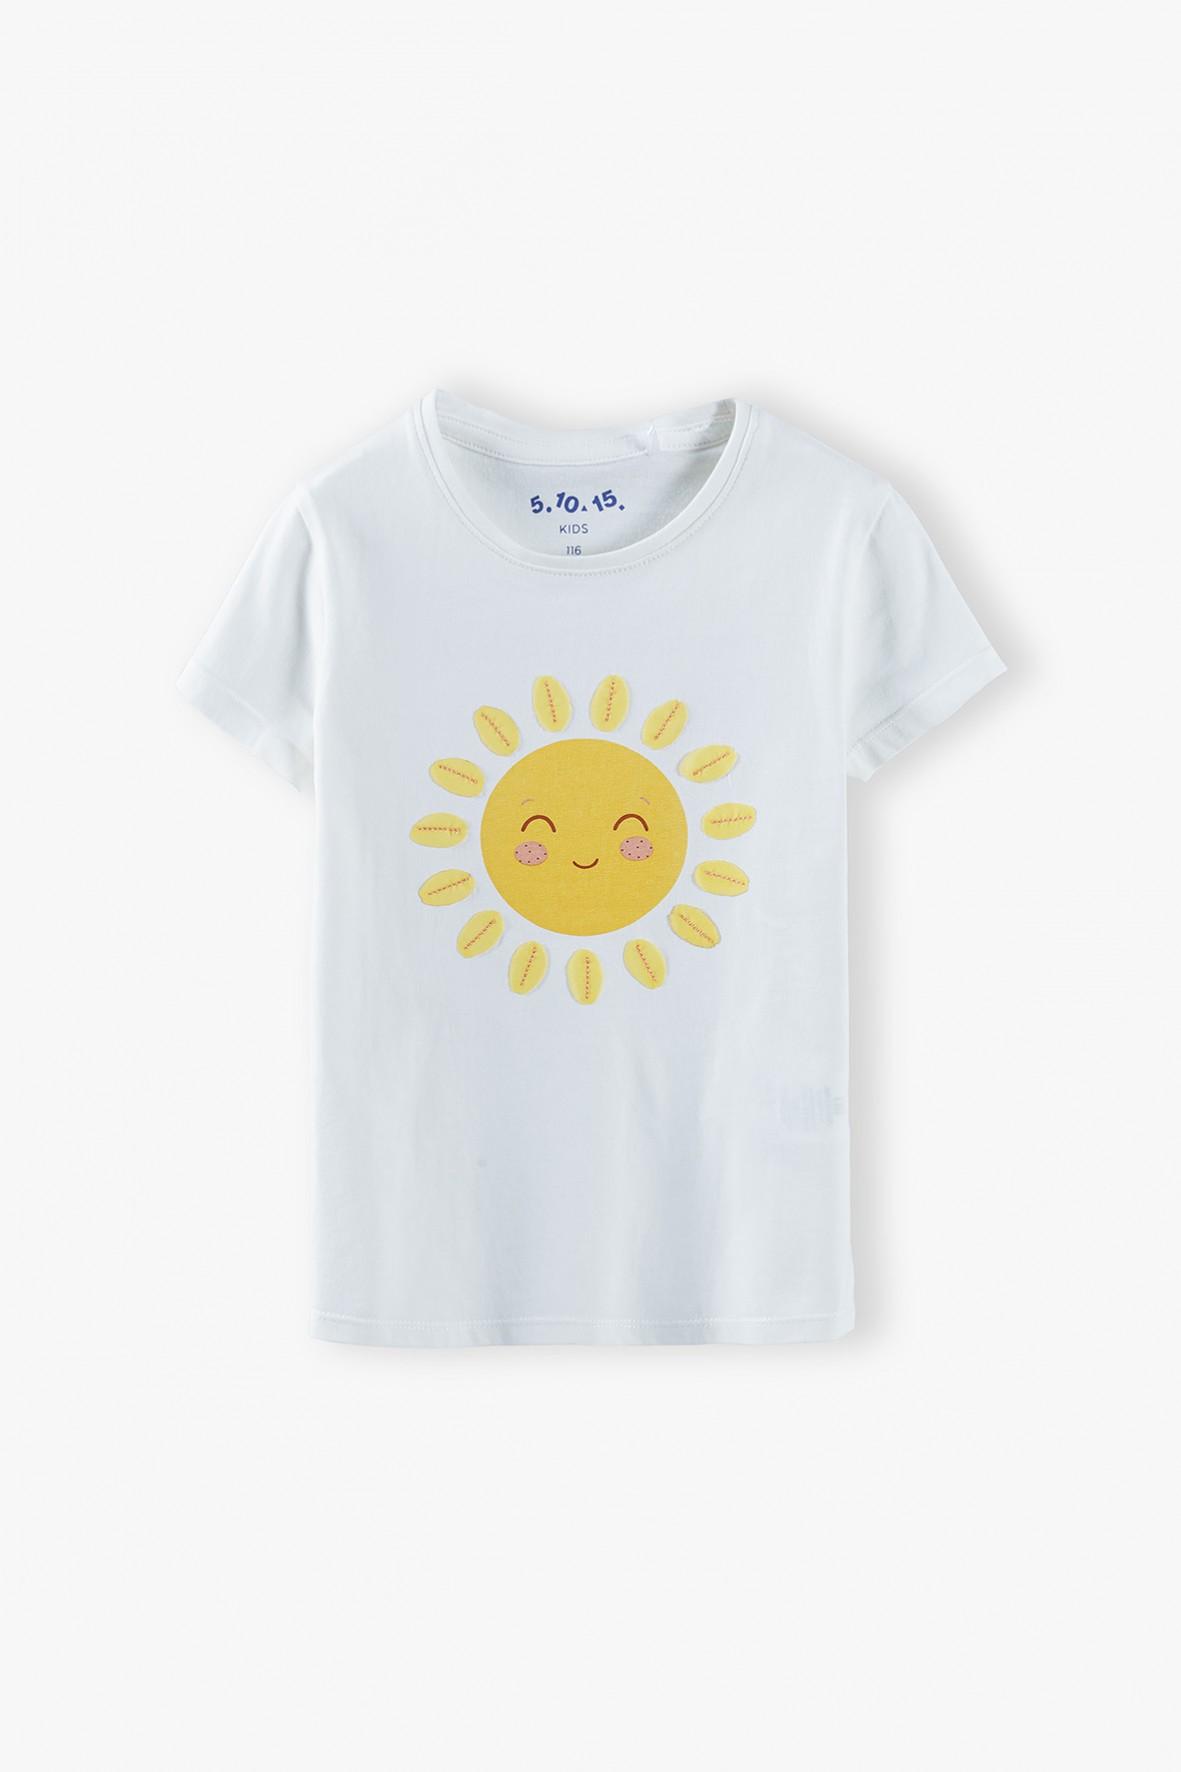 Bluzka dziewczęca ze słoneczkiem- 100% bawełna